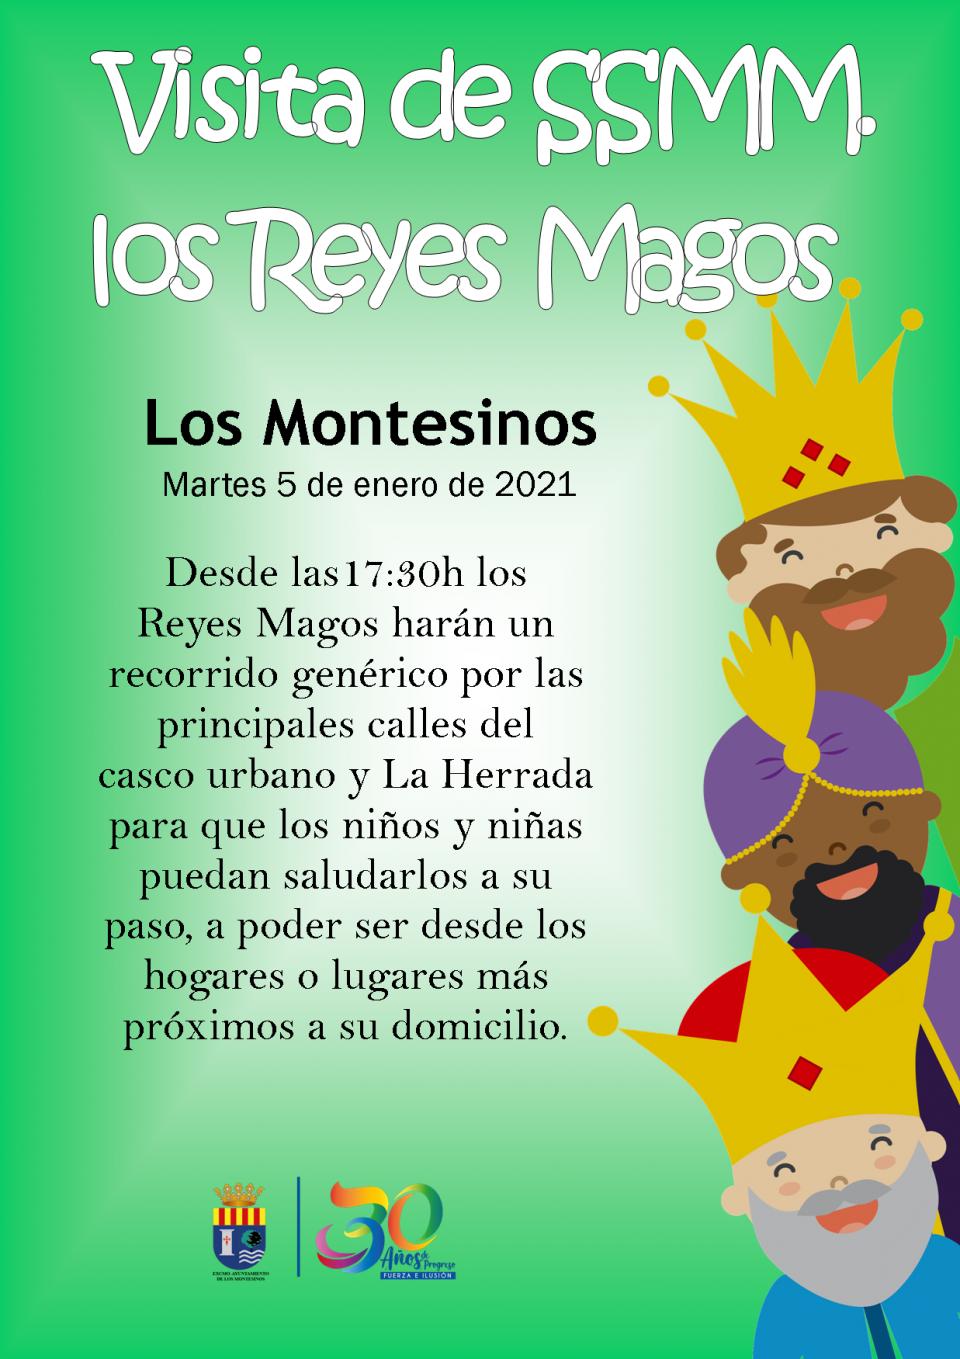 Una caravana musical acompañará a los Reyes Magos en Los Montesinos 6